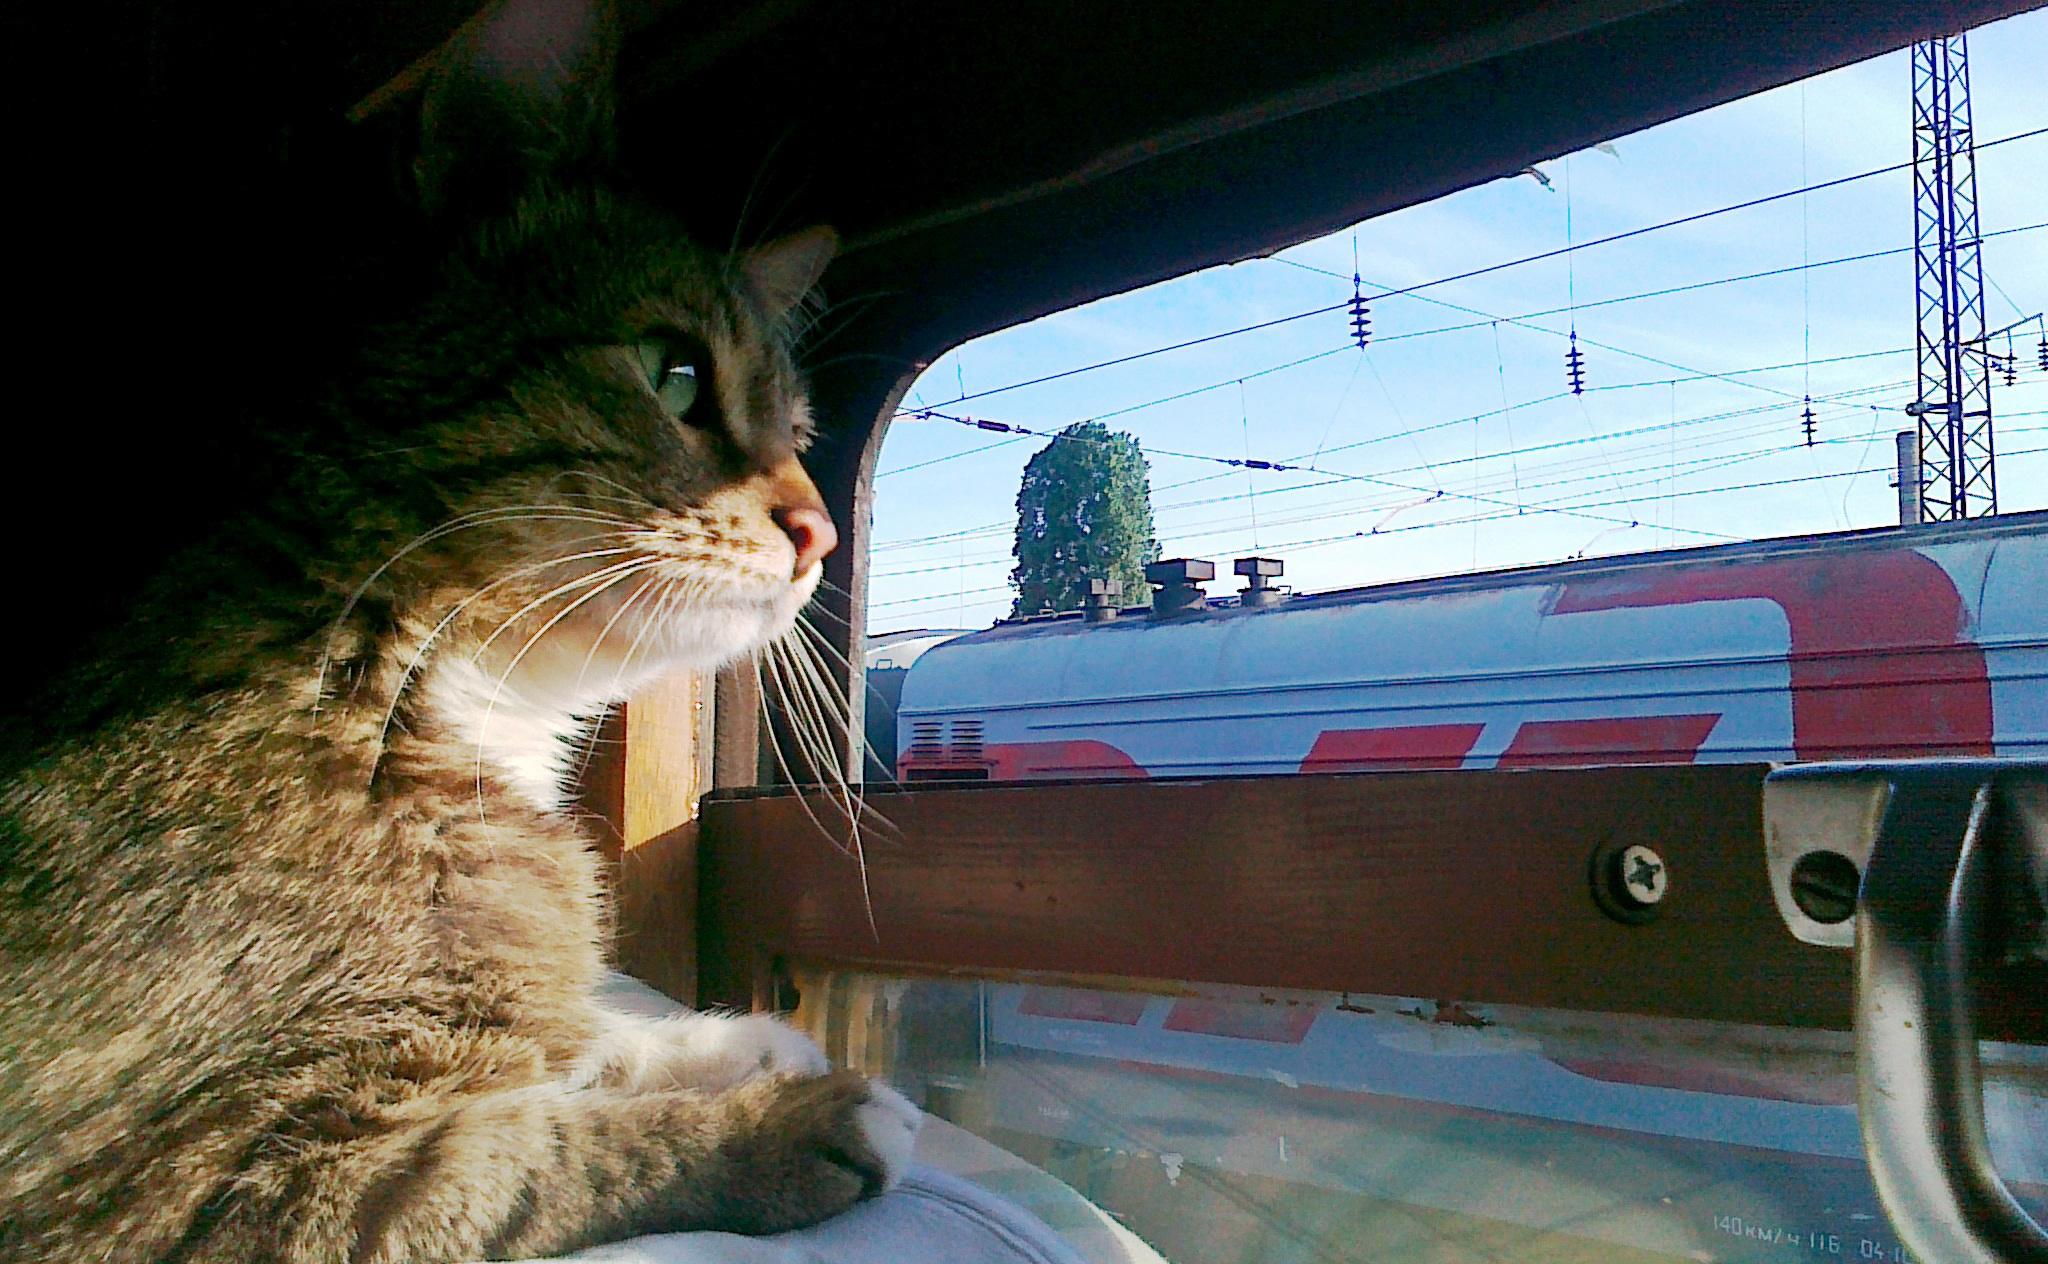 Юбилеем, картинки в поезде смешные